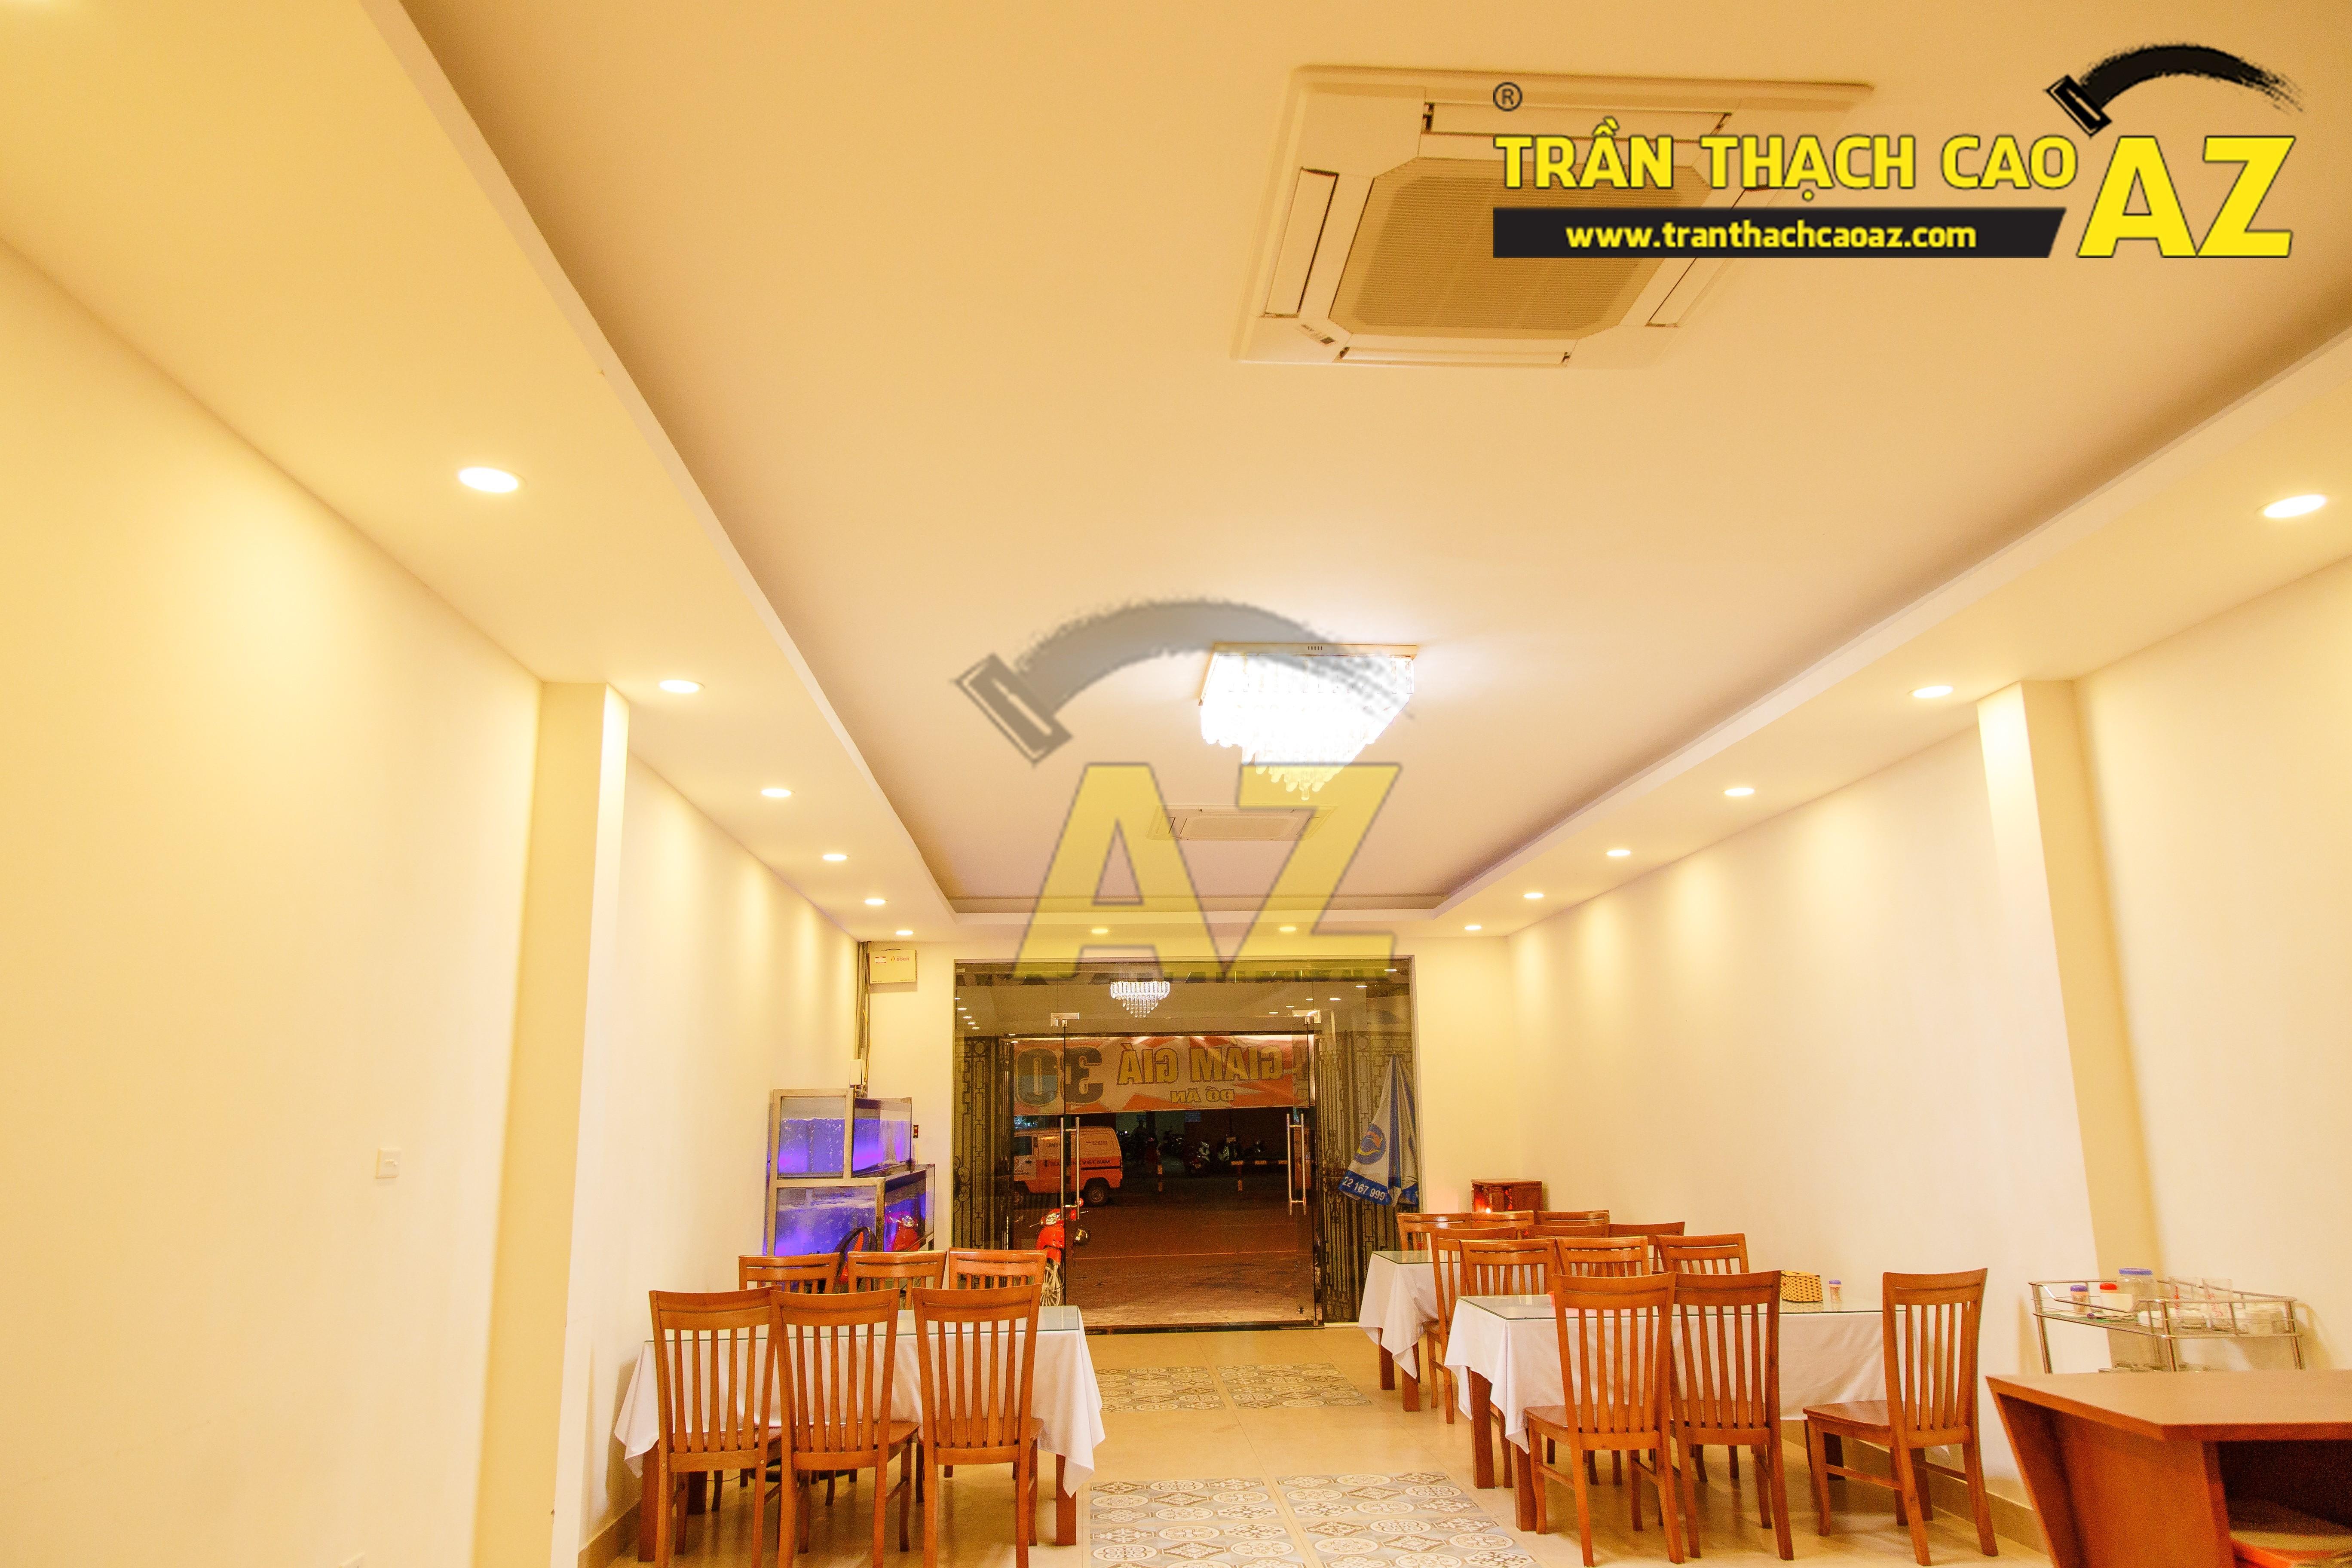 Mẫu trần thạch cao nhà hàng đẹp 03